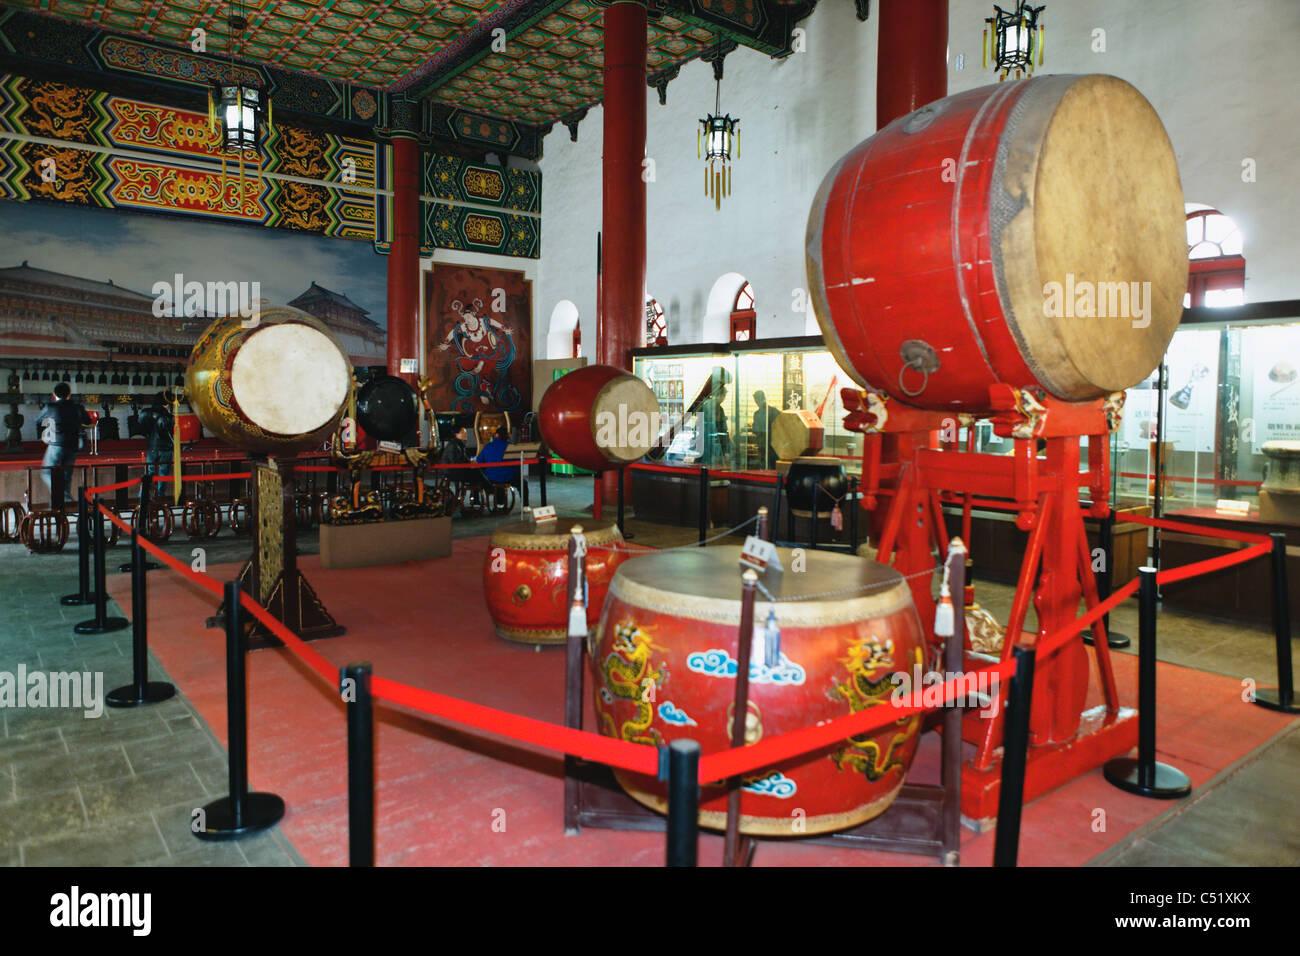 Interno della Torre del Tamburo con il tamburo presentano, Citta' di Xian, Shaanxi, Cina Immagini Stock